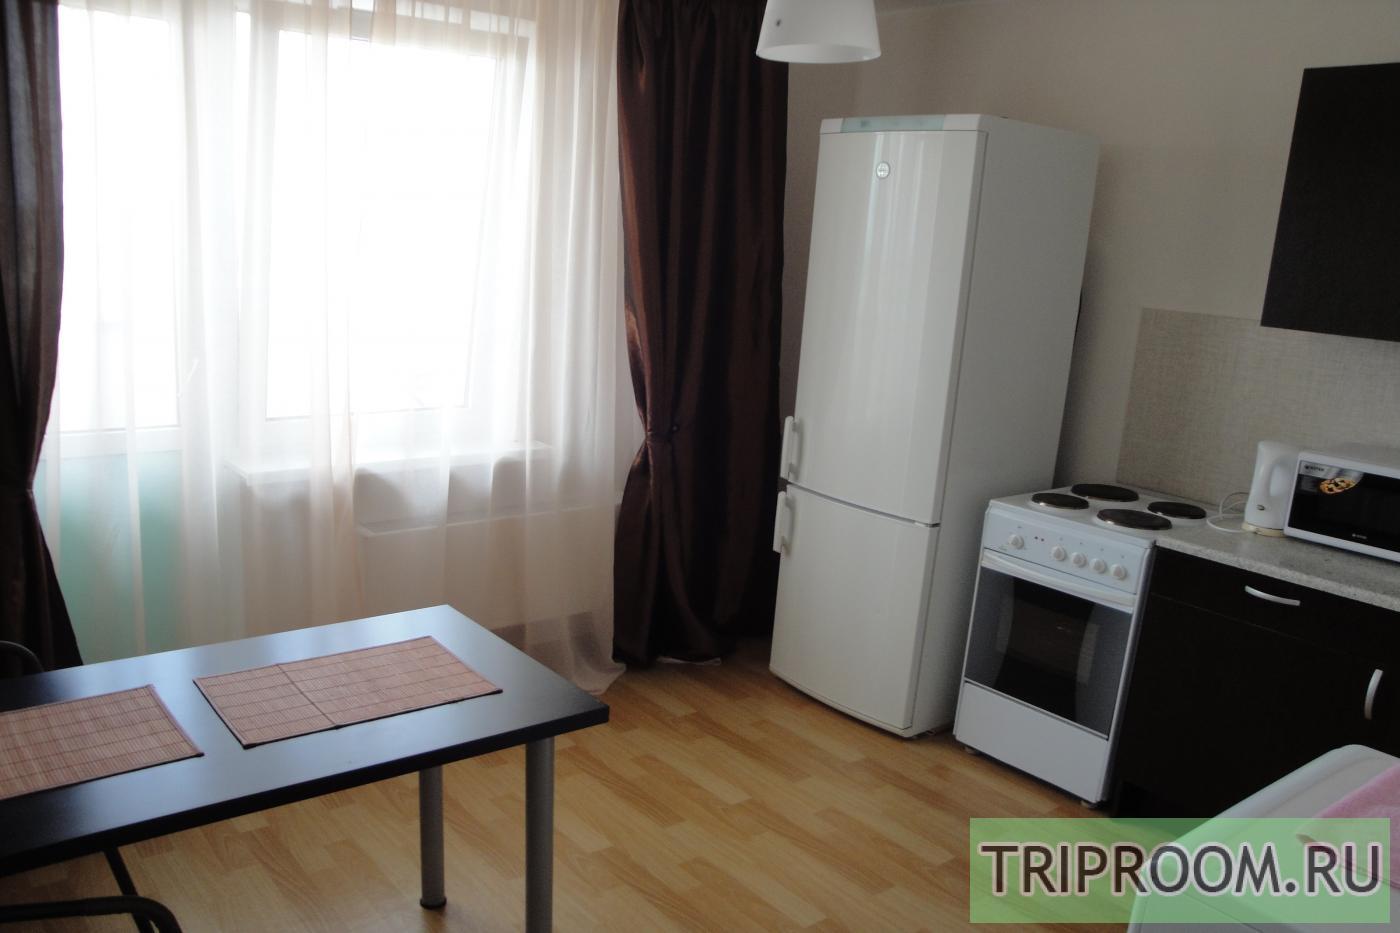 1-комнатная квартира посуточно (вариант № 7419), ул. Черкасская улица, фото № 3